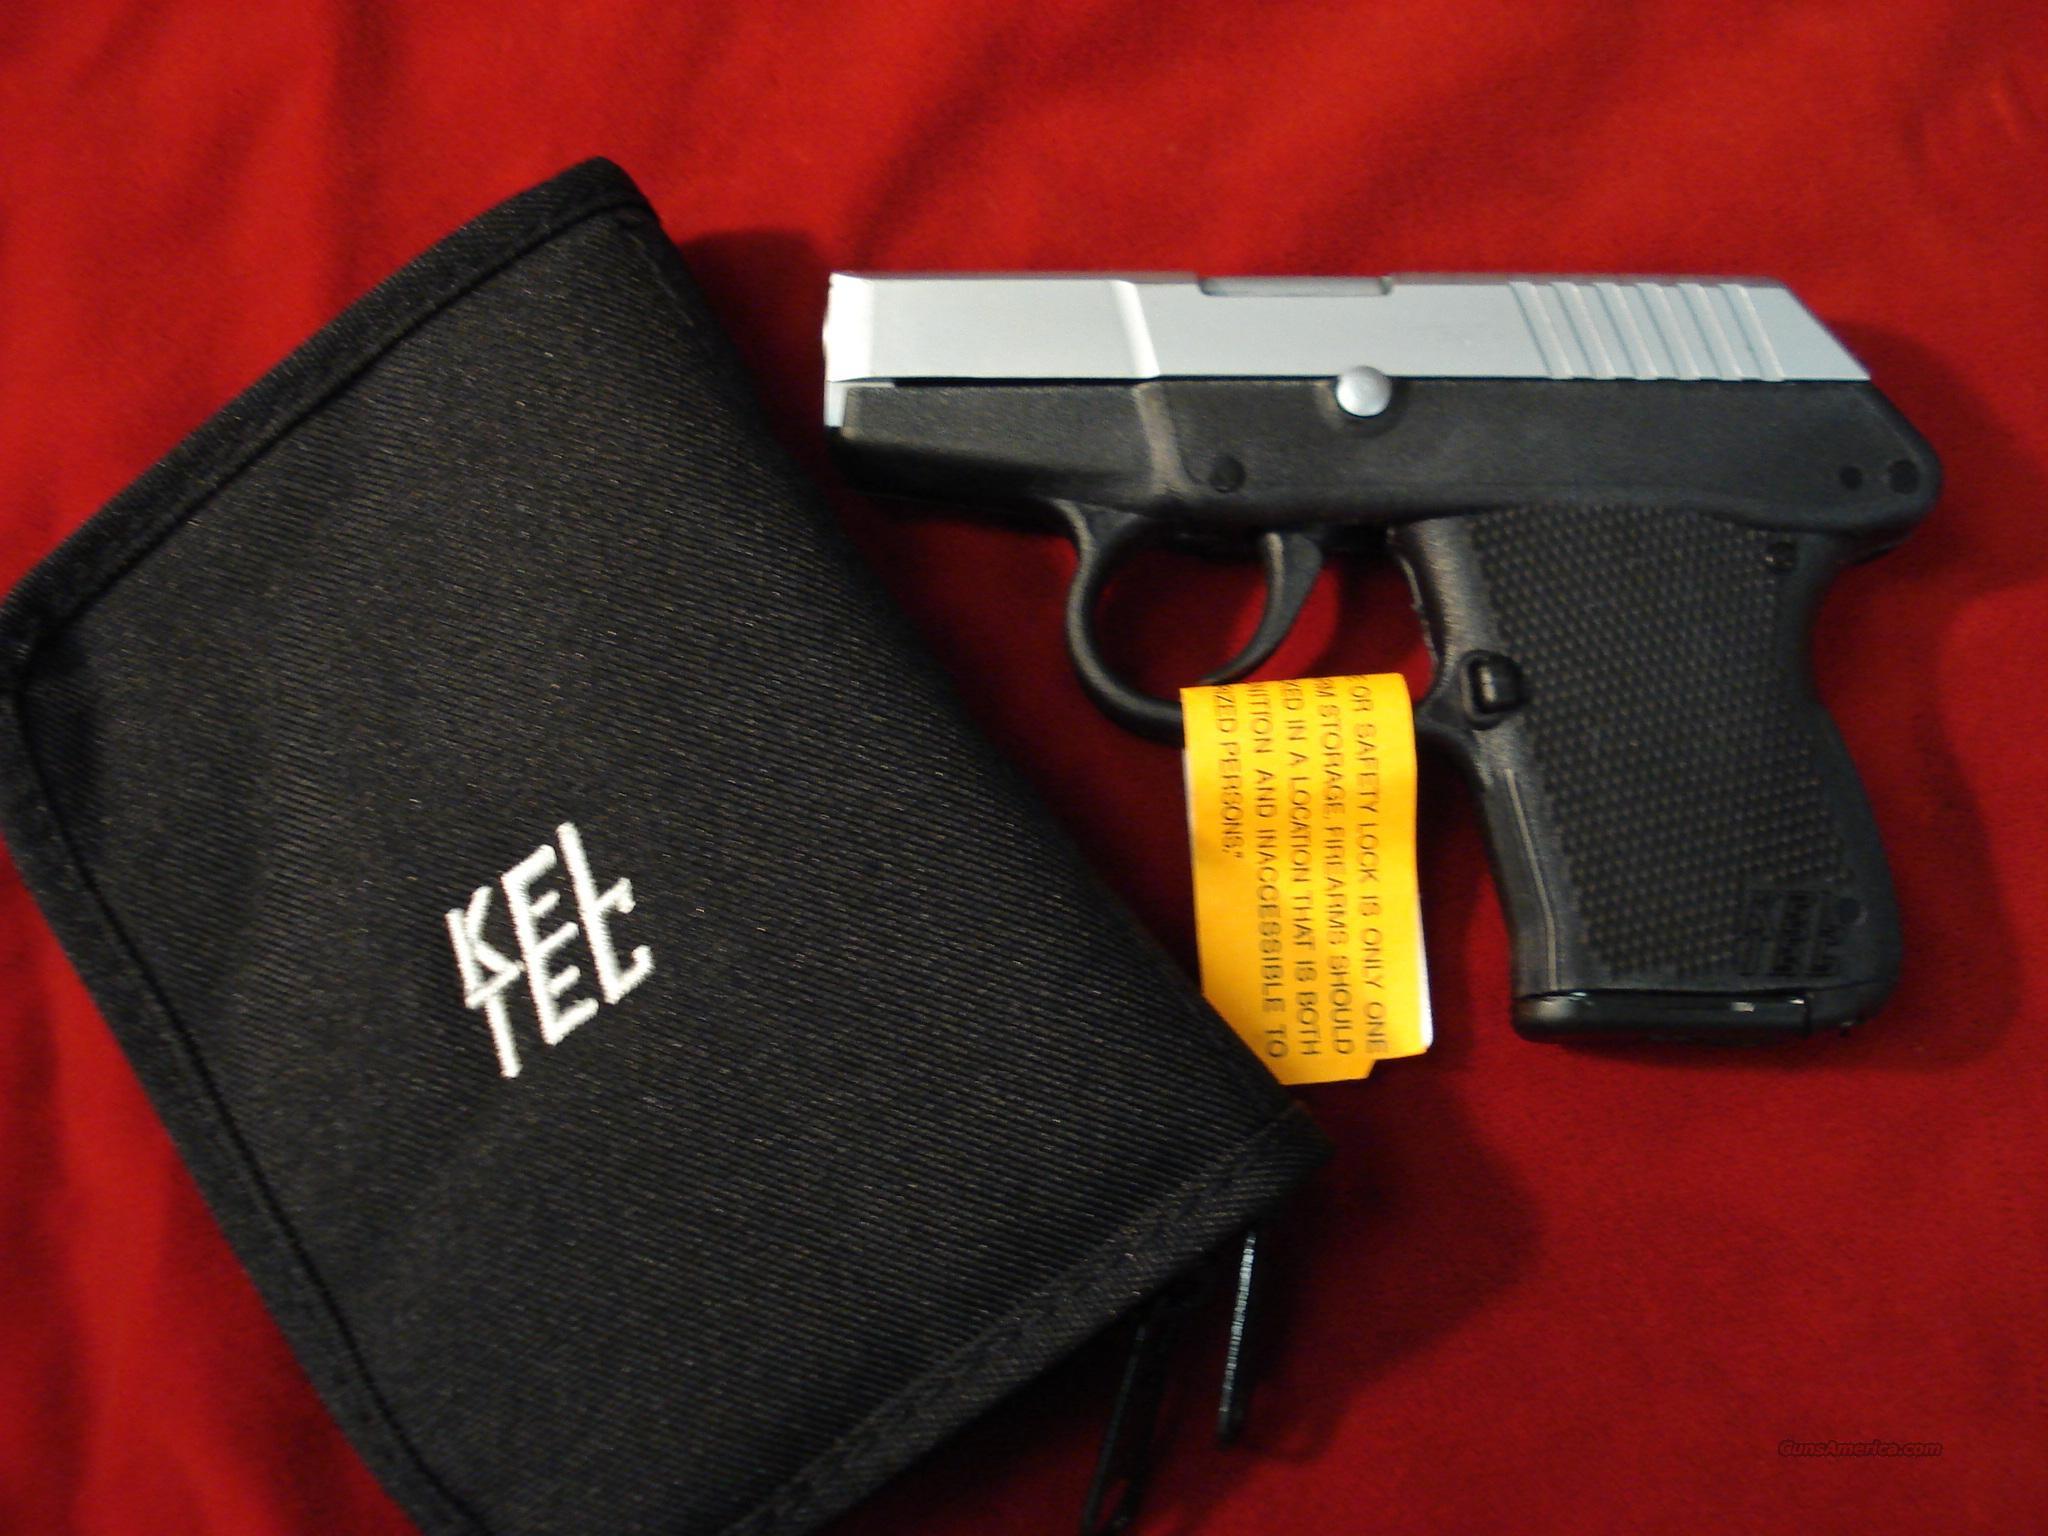 KEL-TEC P-3AT HARD CHROME  Guns > Pistols > Kel-Tec Pistols > Pocket Pistol Type